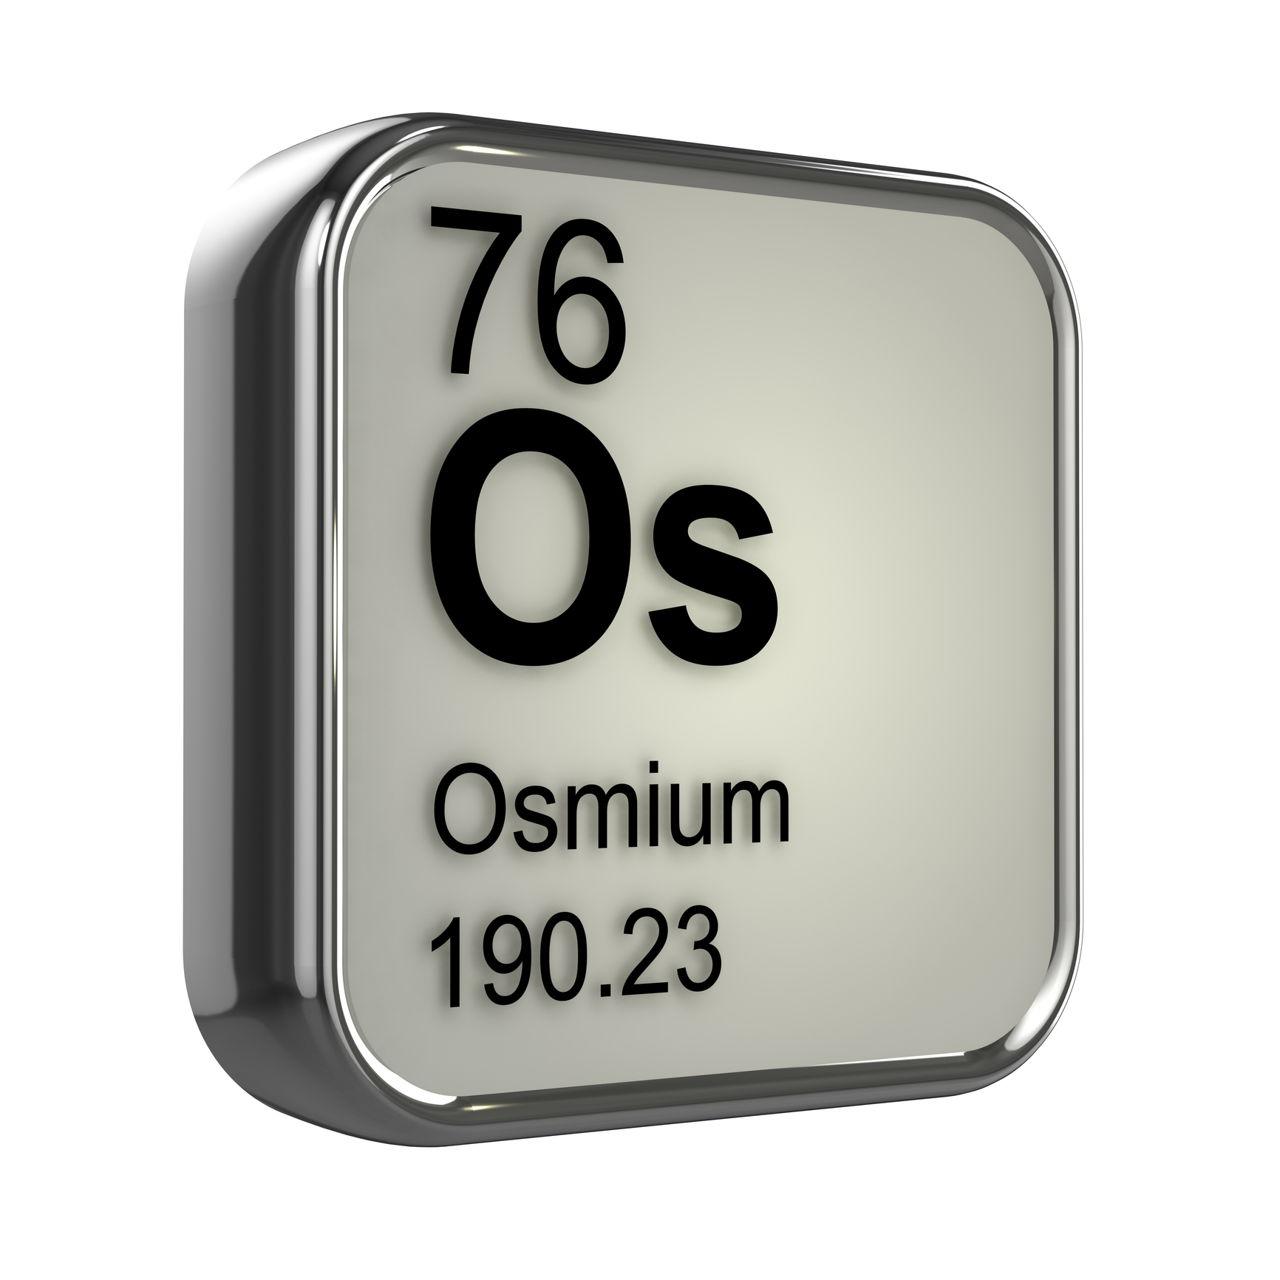 Dapsone 100 mg price